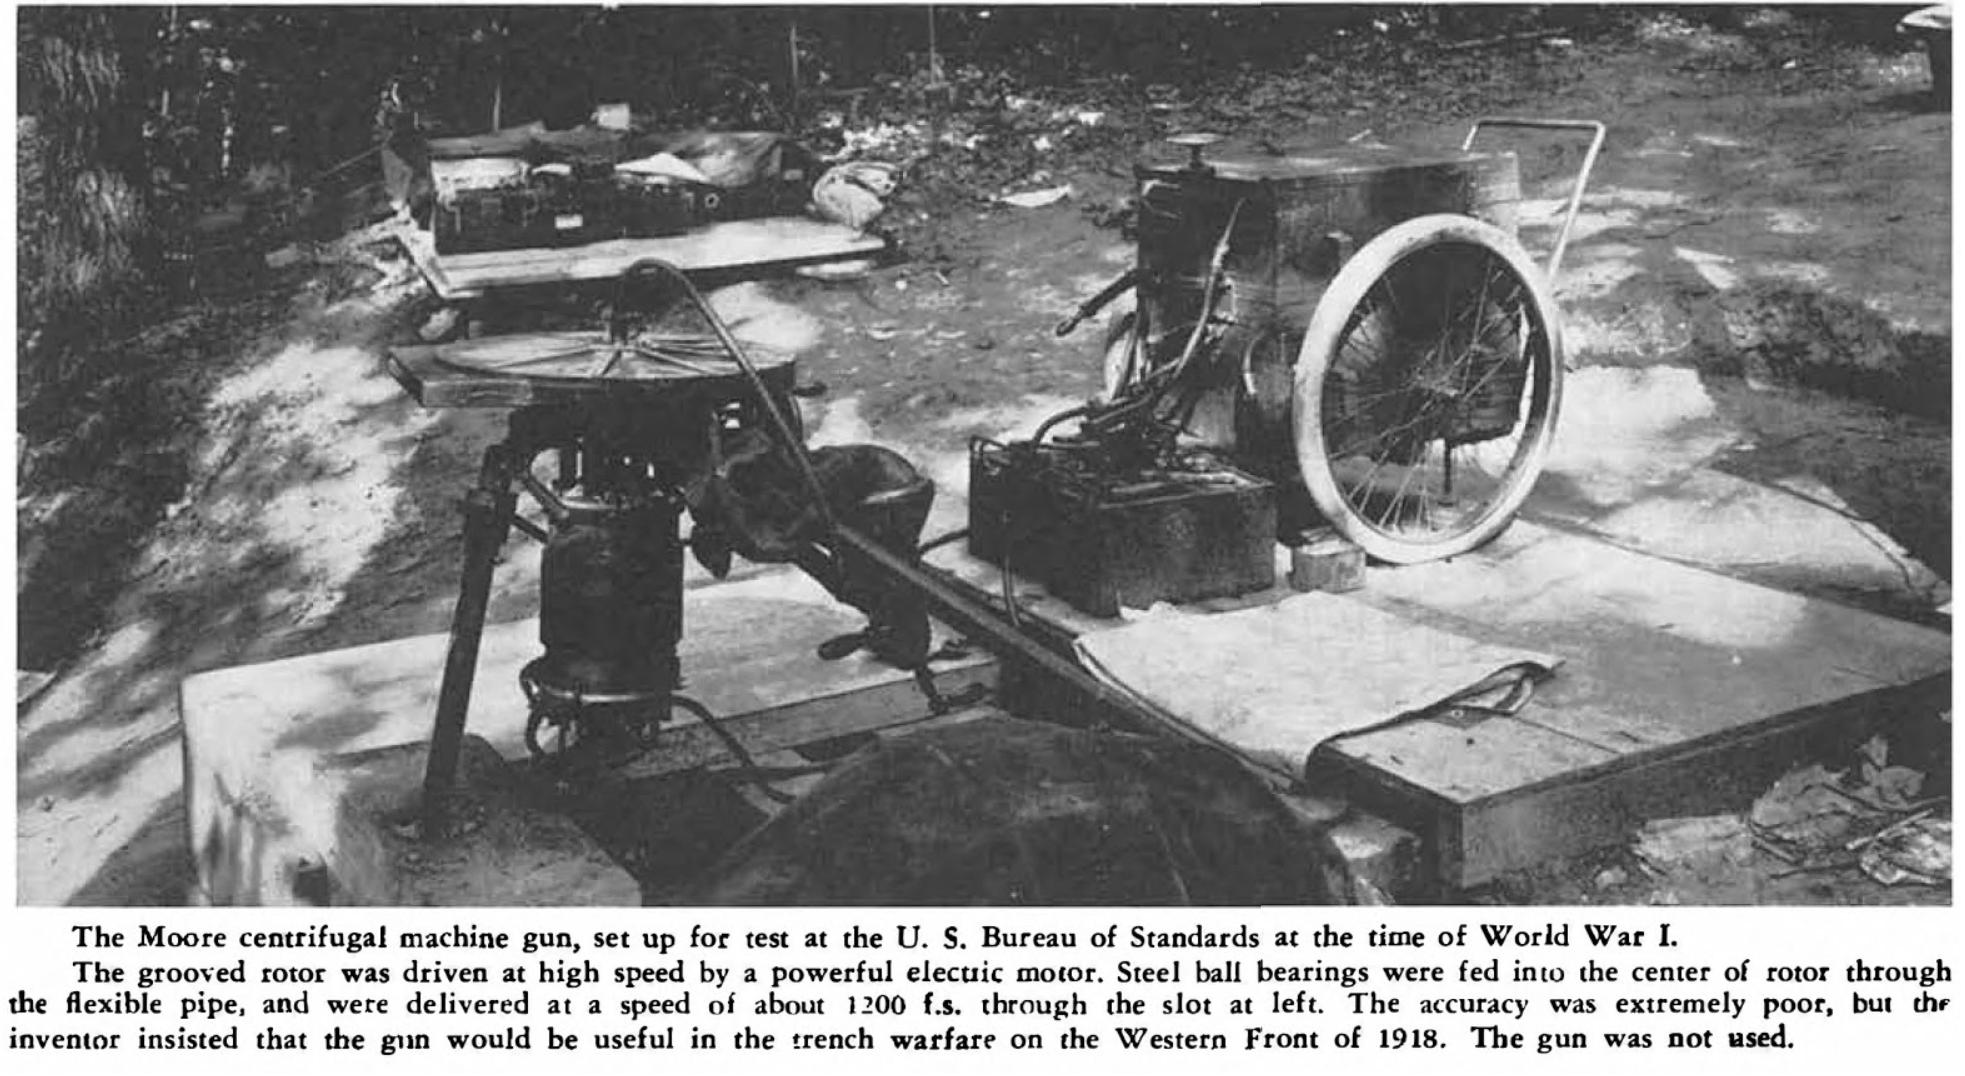 Moore Centrifugal Machine Gun from hatcher's